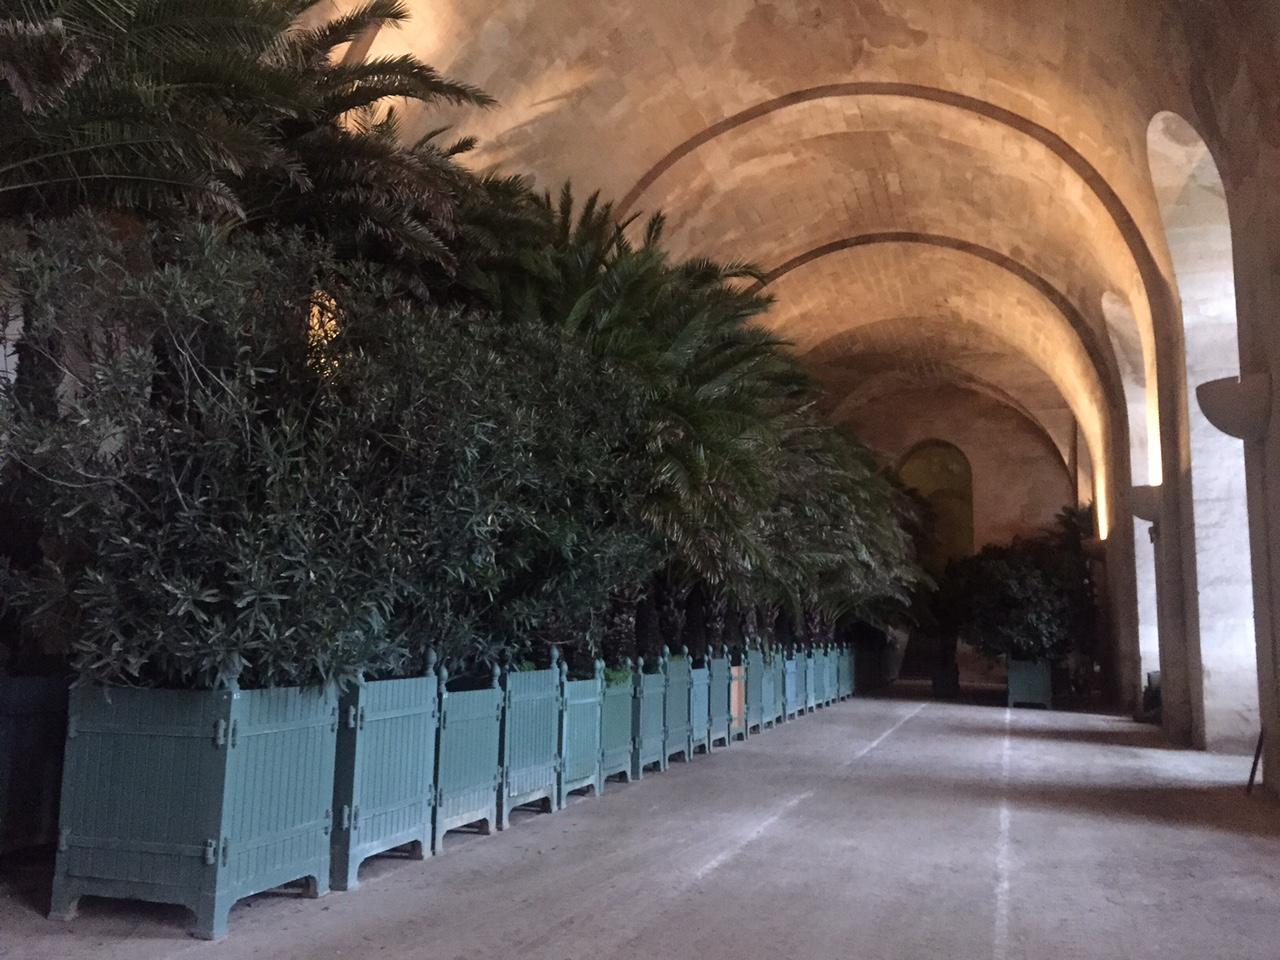 ベルサイユ宮殿のオランジュリー